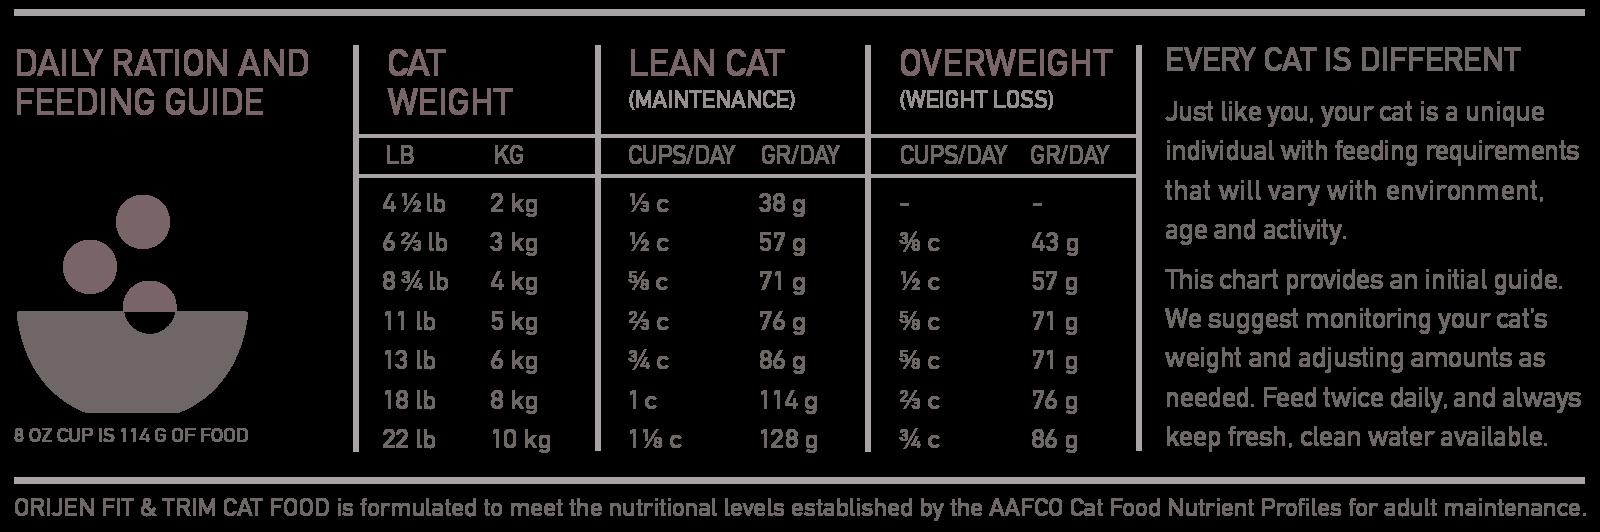 ORIJEN Fit & Trim Biologically Appropriate Cat Food Feeding Chart